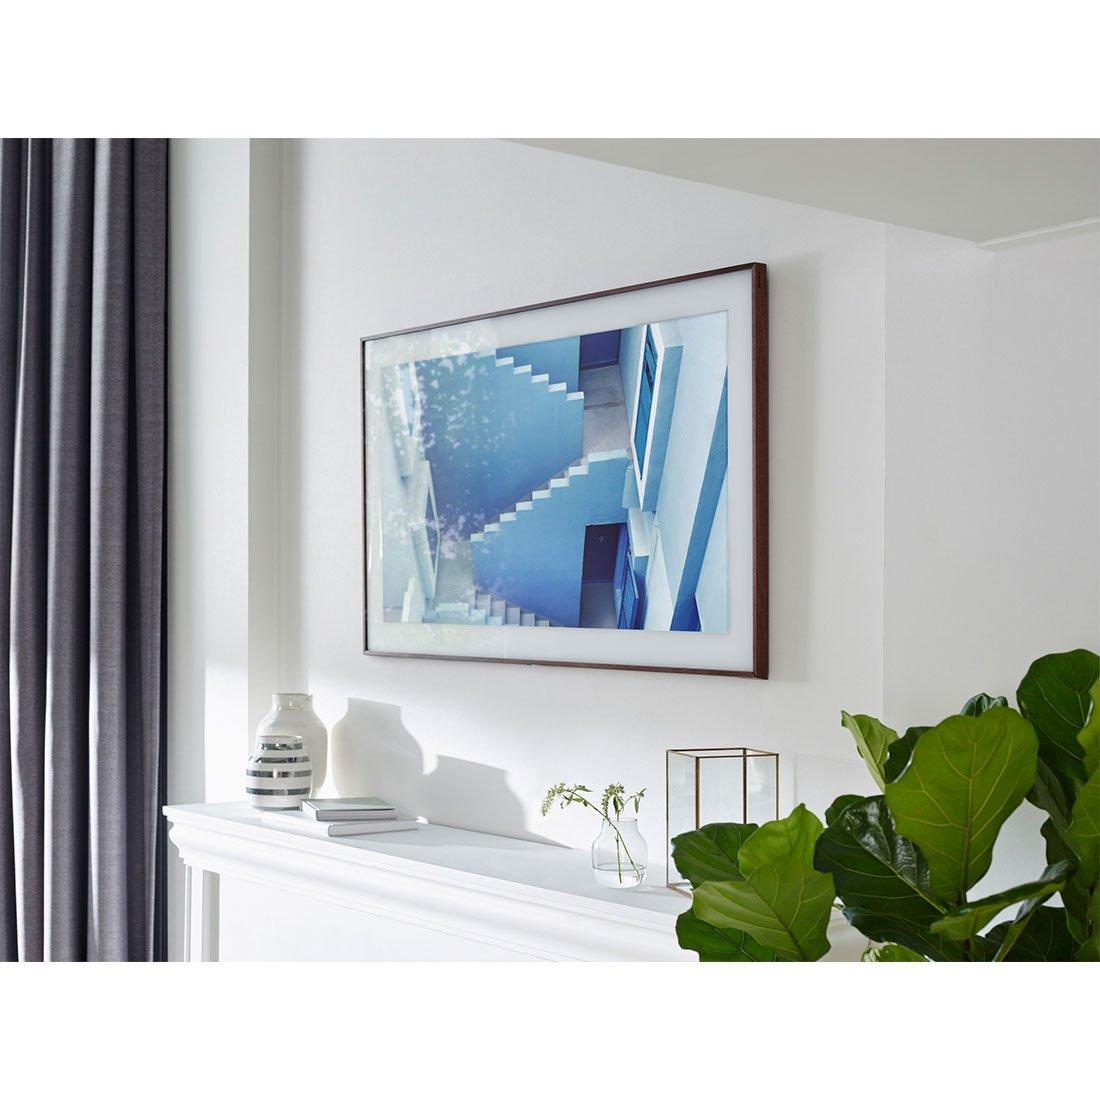 samsung the frame tv 55 un55ls003 4k uhd tizen smart. Black Bedroom Furniture Sets. Home Design Ideas